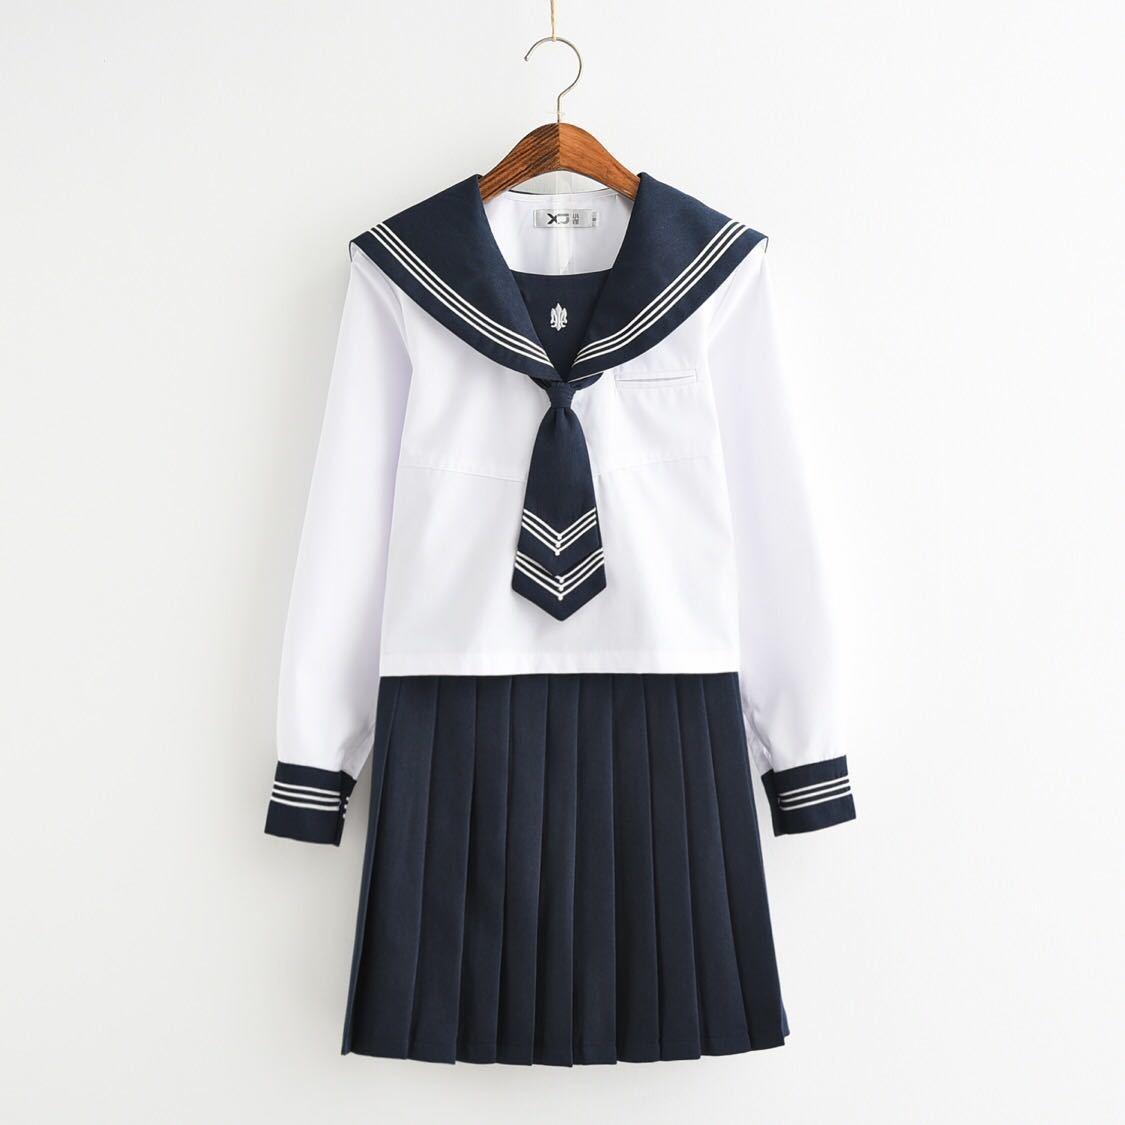 即日発送学生服 長袖 S、M、L、XL、サイズ 上下セット 4点セットセーラー服 白色+ネイビー十ネクタイ 女子制服 JK制服 コスプレ 高校生